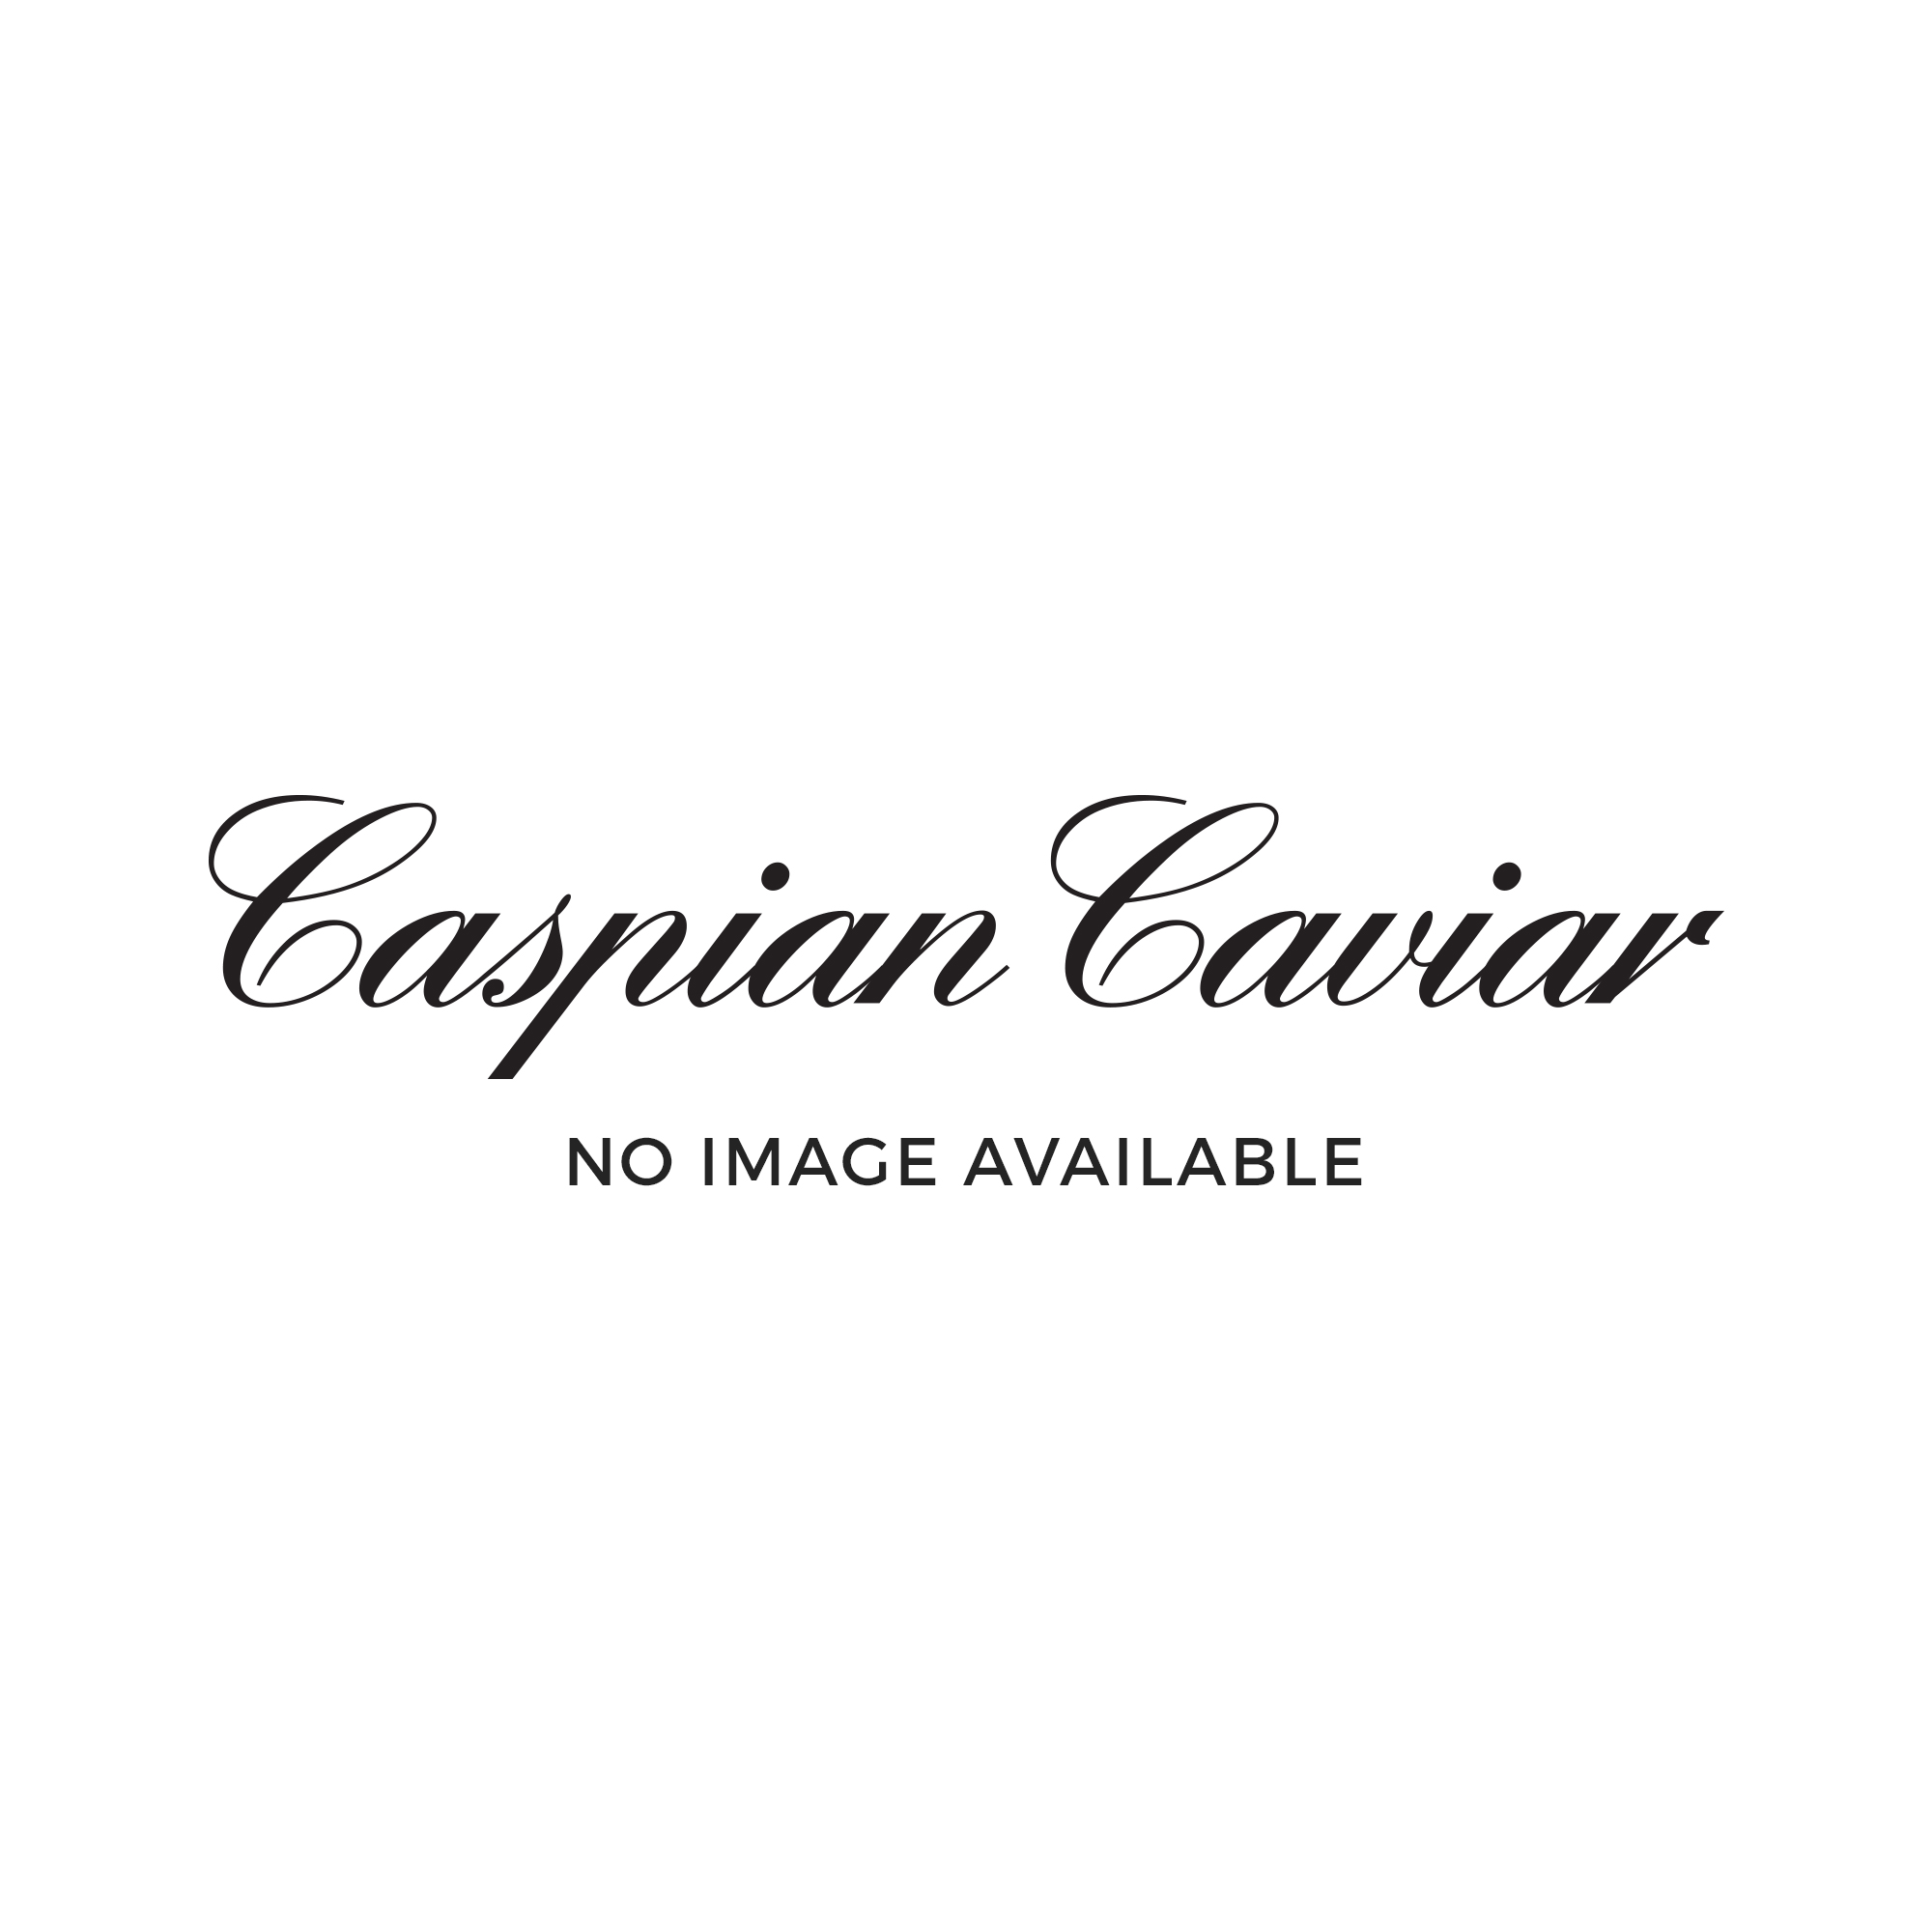 Caspian Caviar Special Reserve Beluga (Huso Huso) Caviar 30g